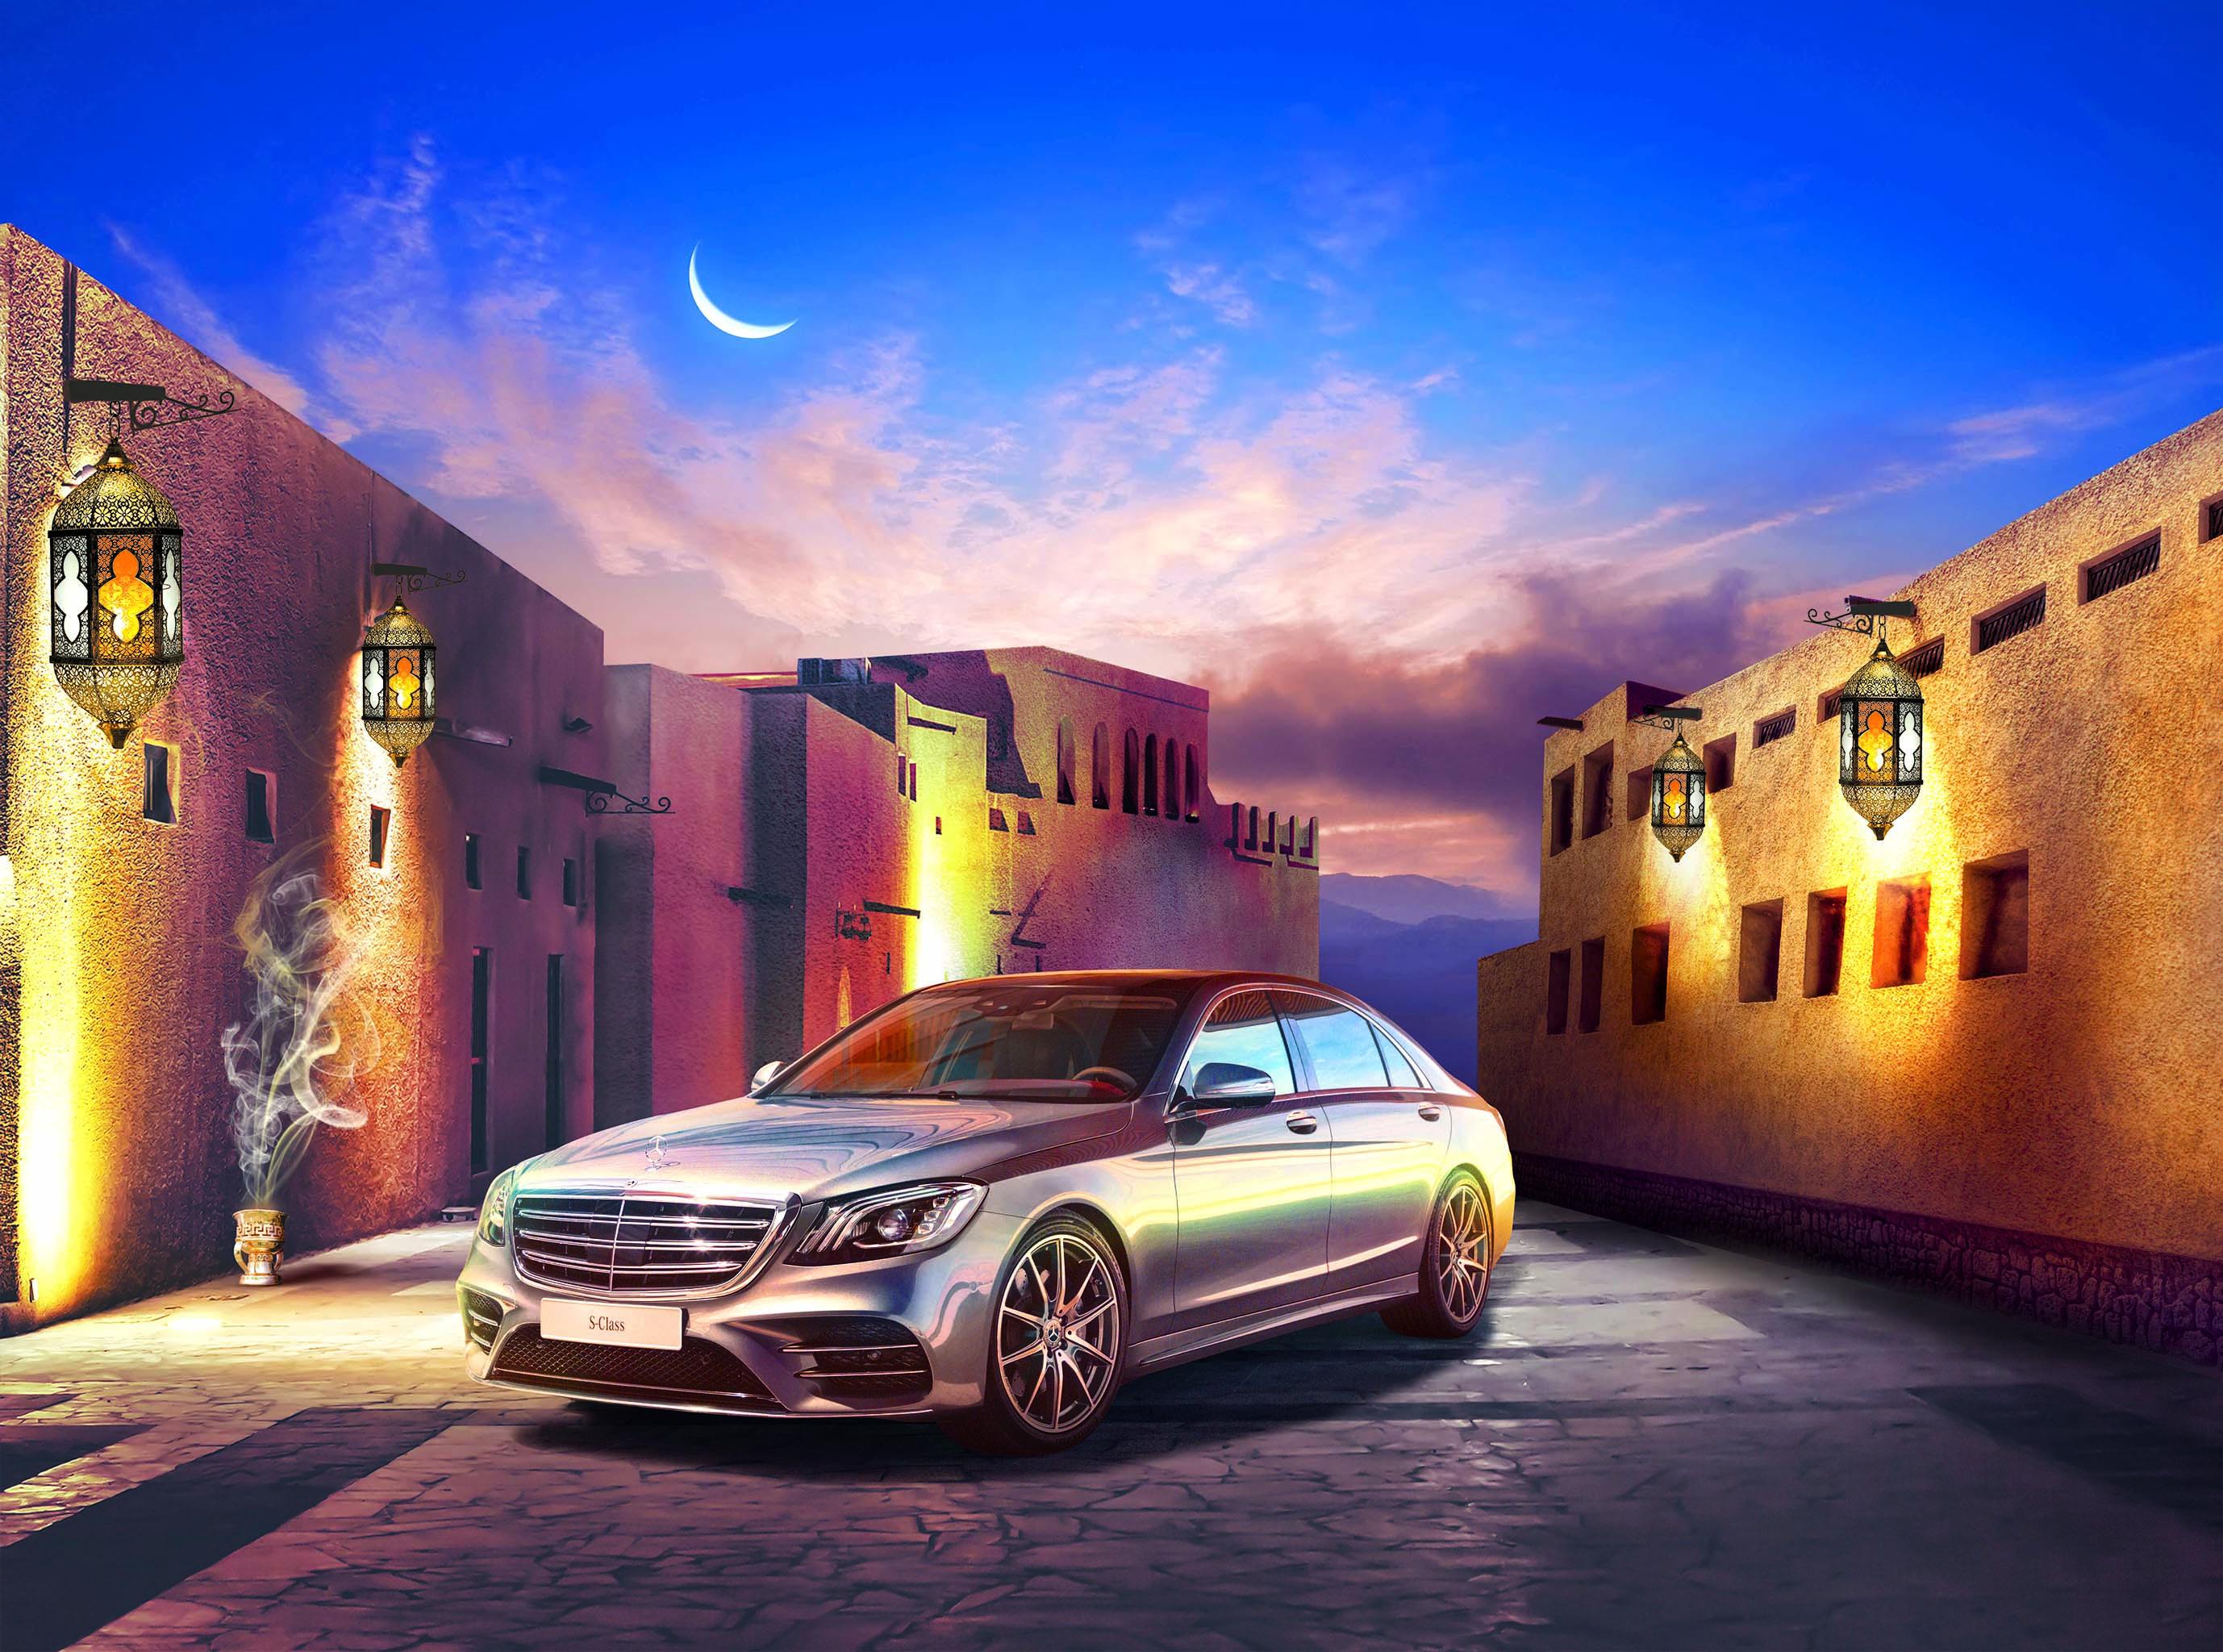 مرسيدس ـ بنز عُمان تطلق عرض رمضان الحصري